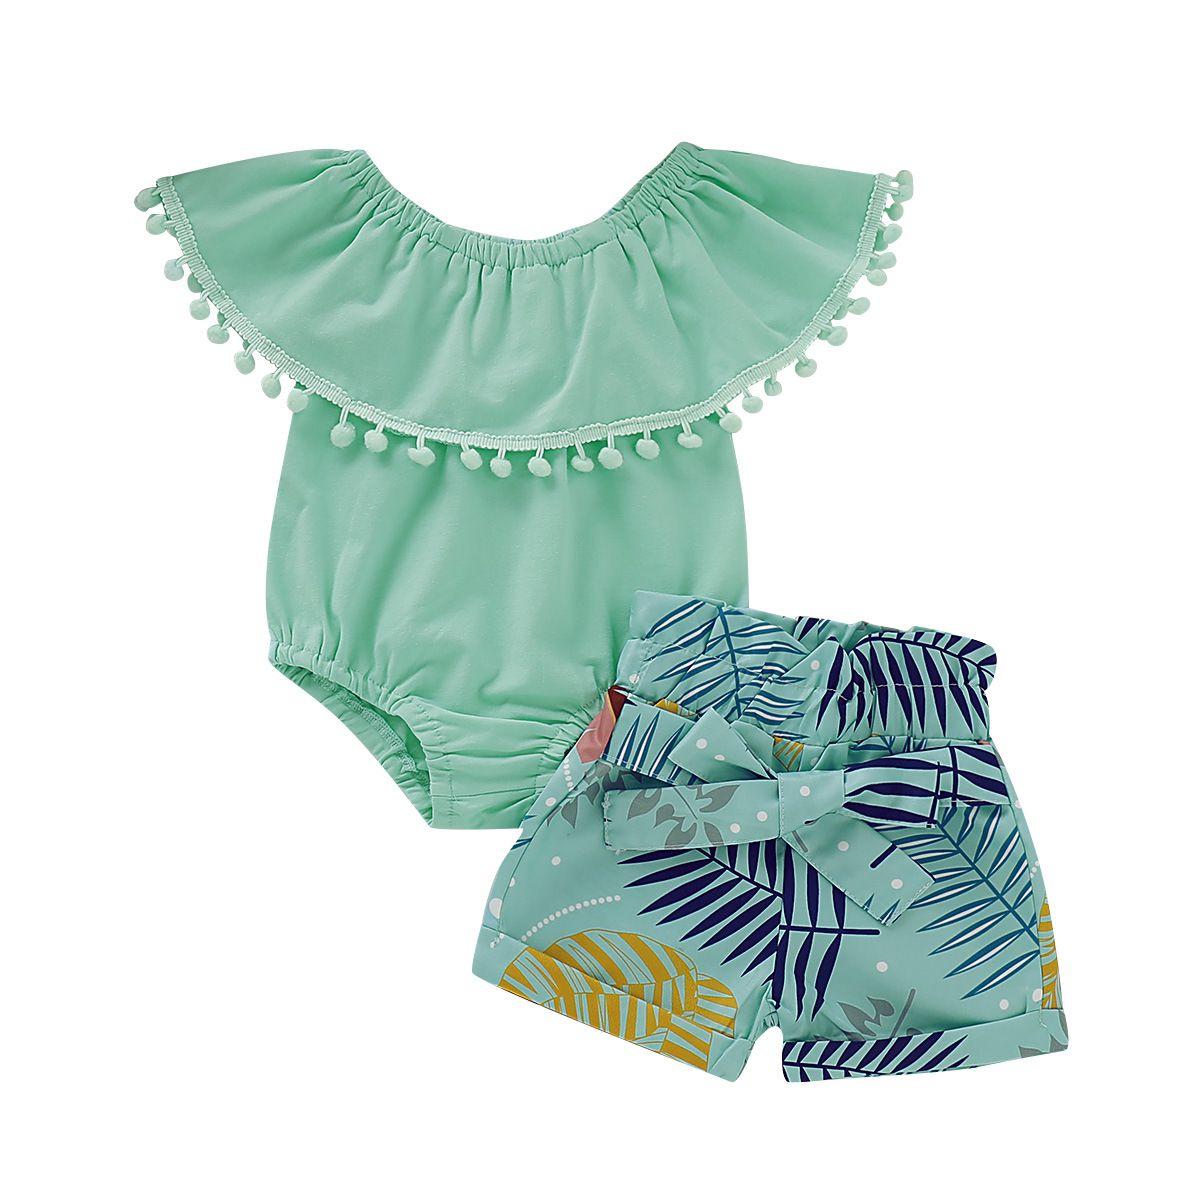 TZ-1688-008フラッターポンポンフリルボディスーツ & ボウショートセット女の赤ちゃん服セット新生児